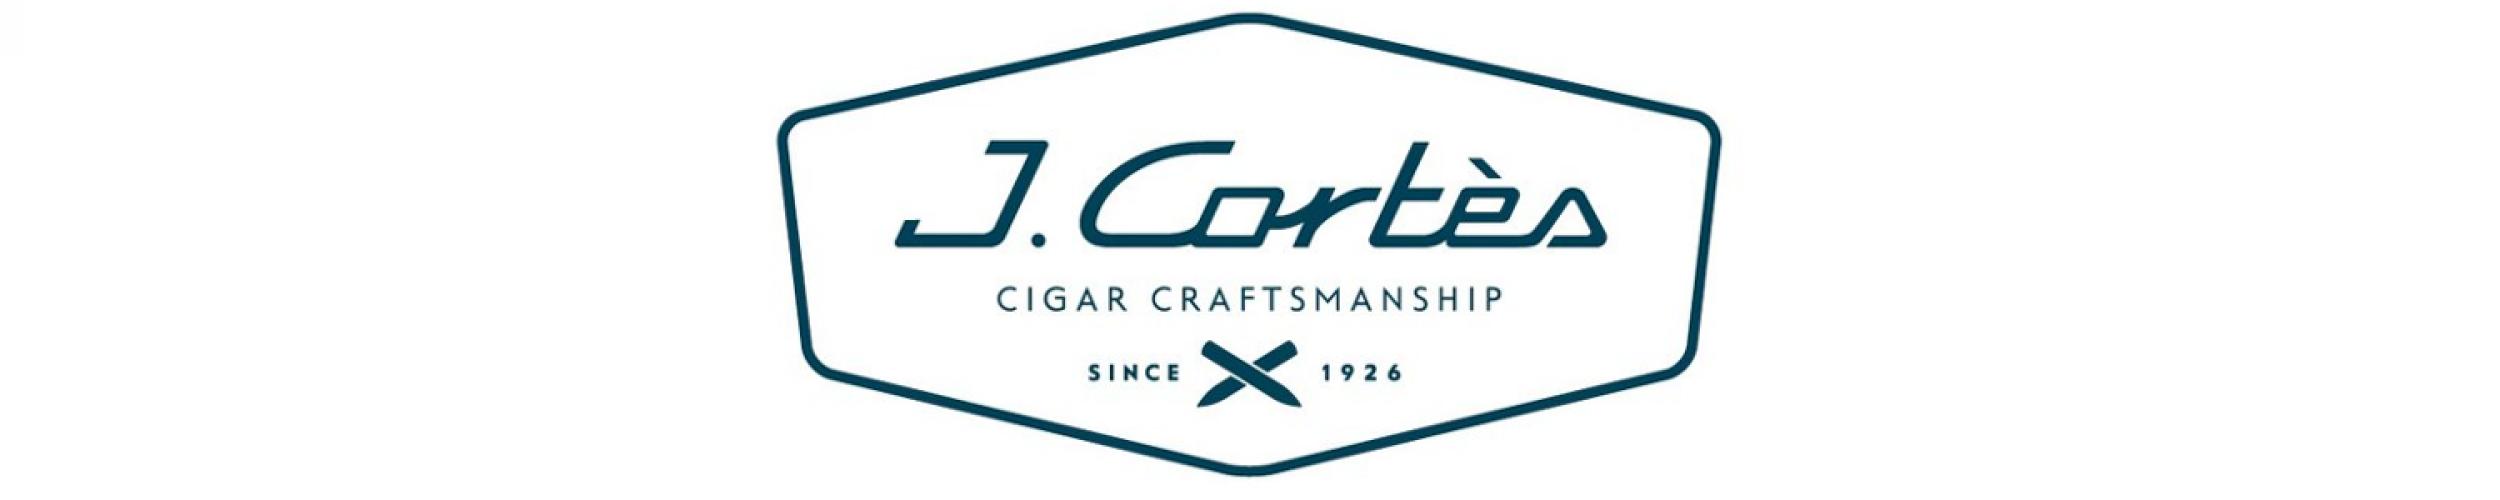 Bezoek J. Cortès Zwevegem-Moen voor Cobojob en Cobopack